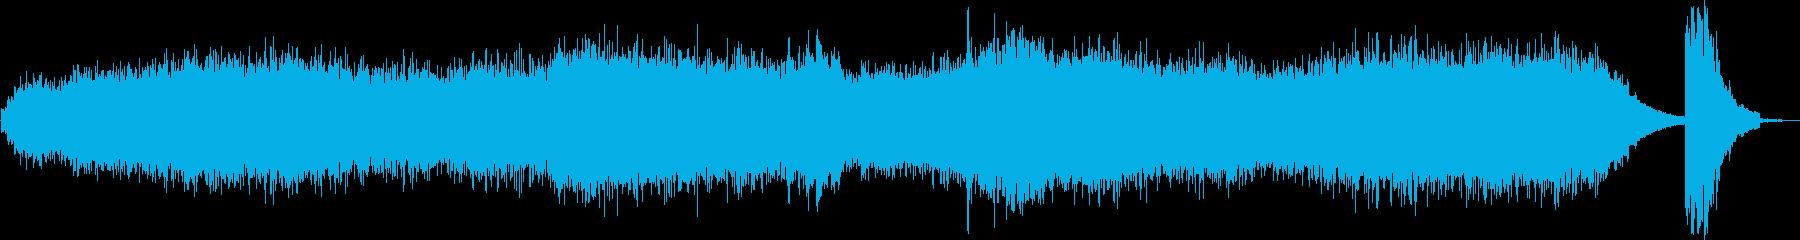 ノイズが入ったホラーな曲の再生済みの波形